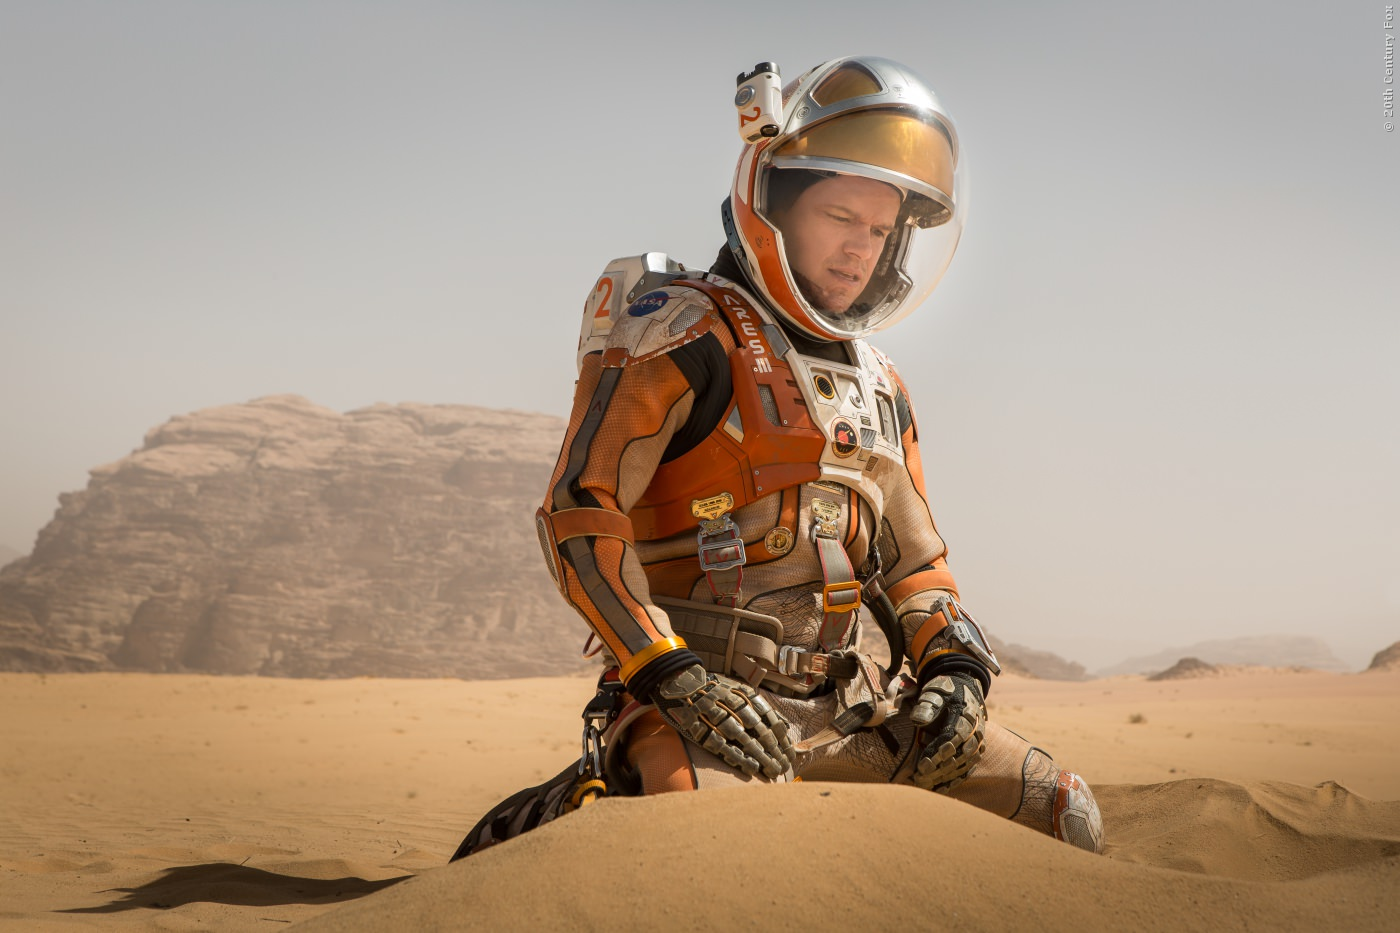 Bis Rettung kommt, muss er mit dem Überleben, was der Mars ihm bietet!